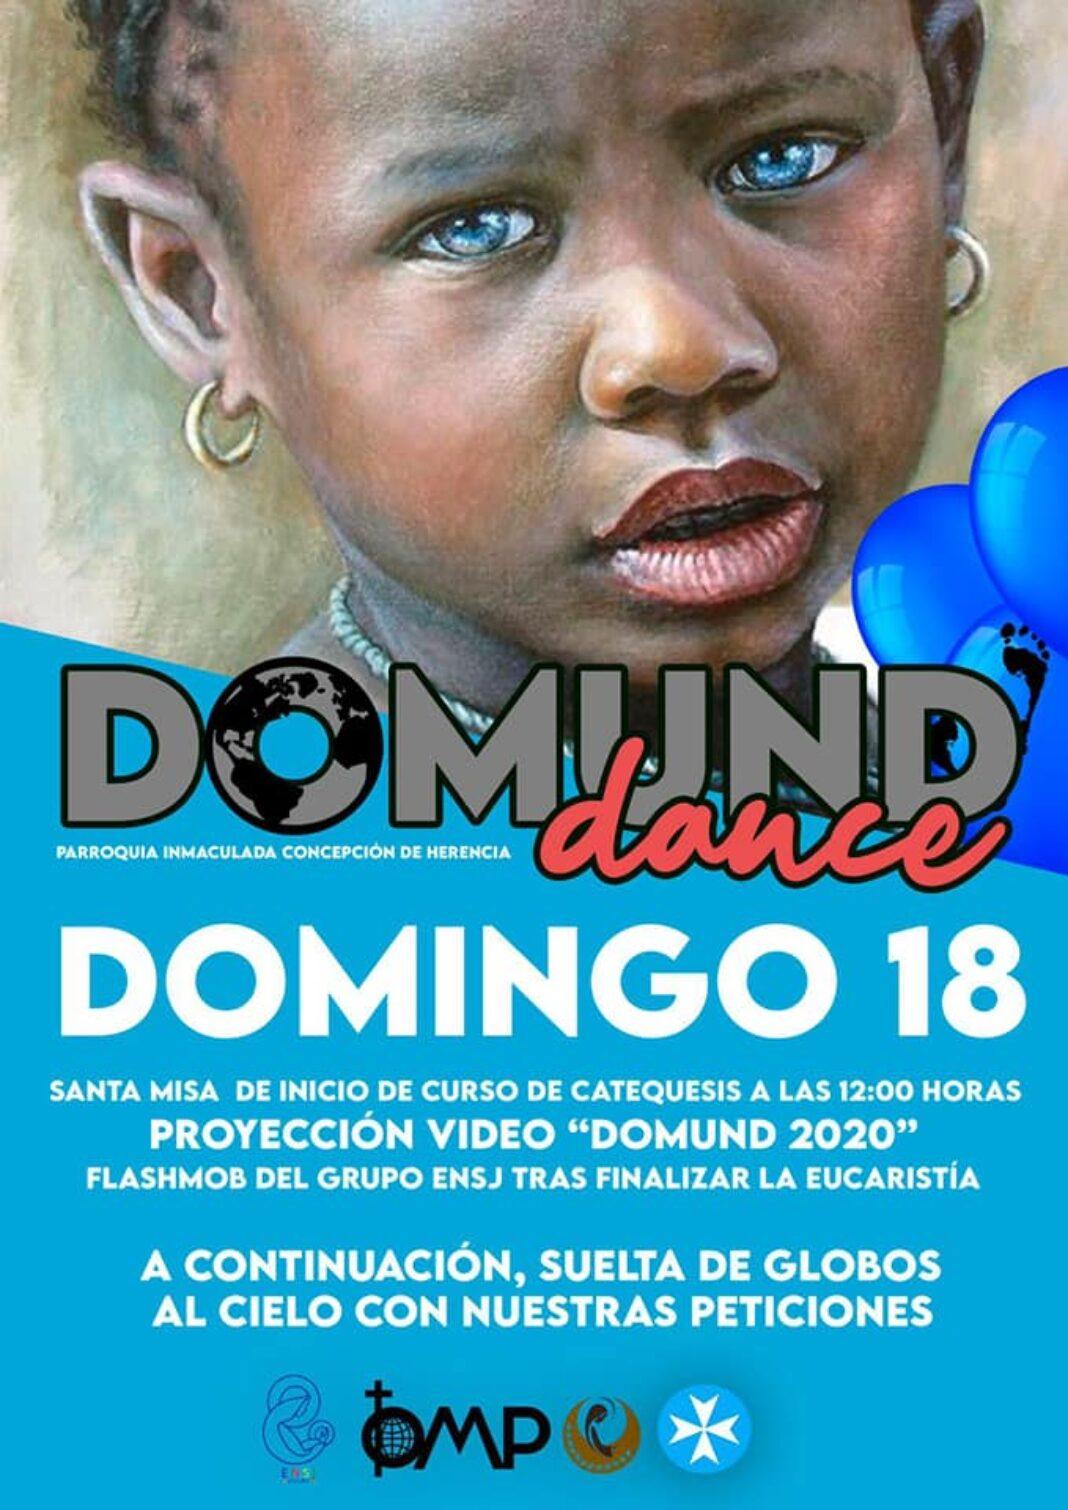 Domund dance en Herencia 1068x1510 - Domund Dance en Herencia